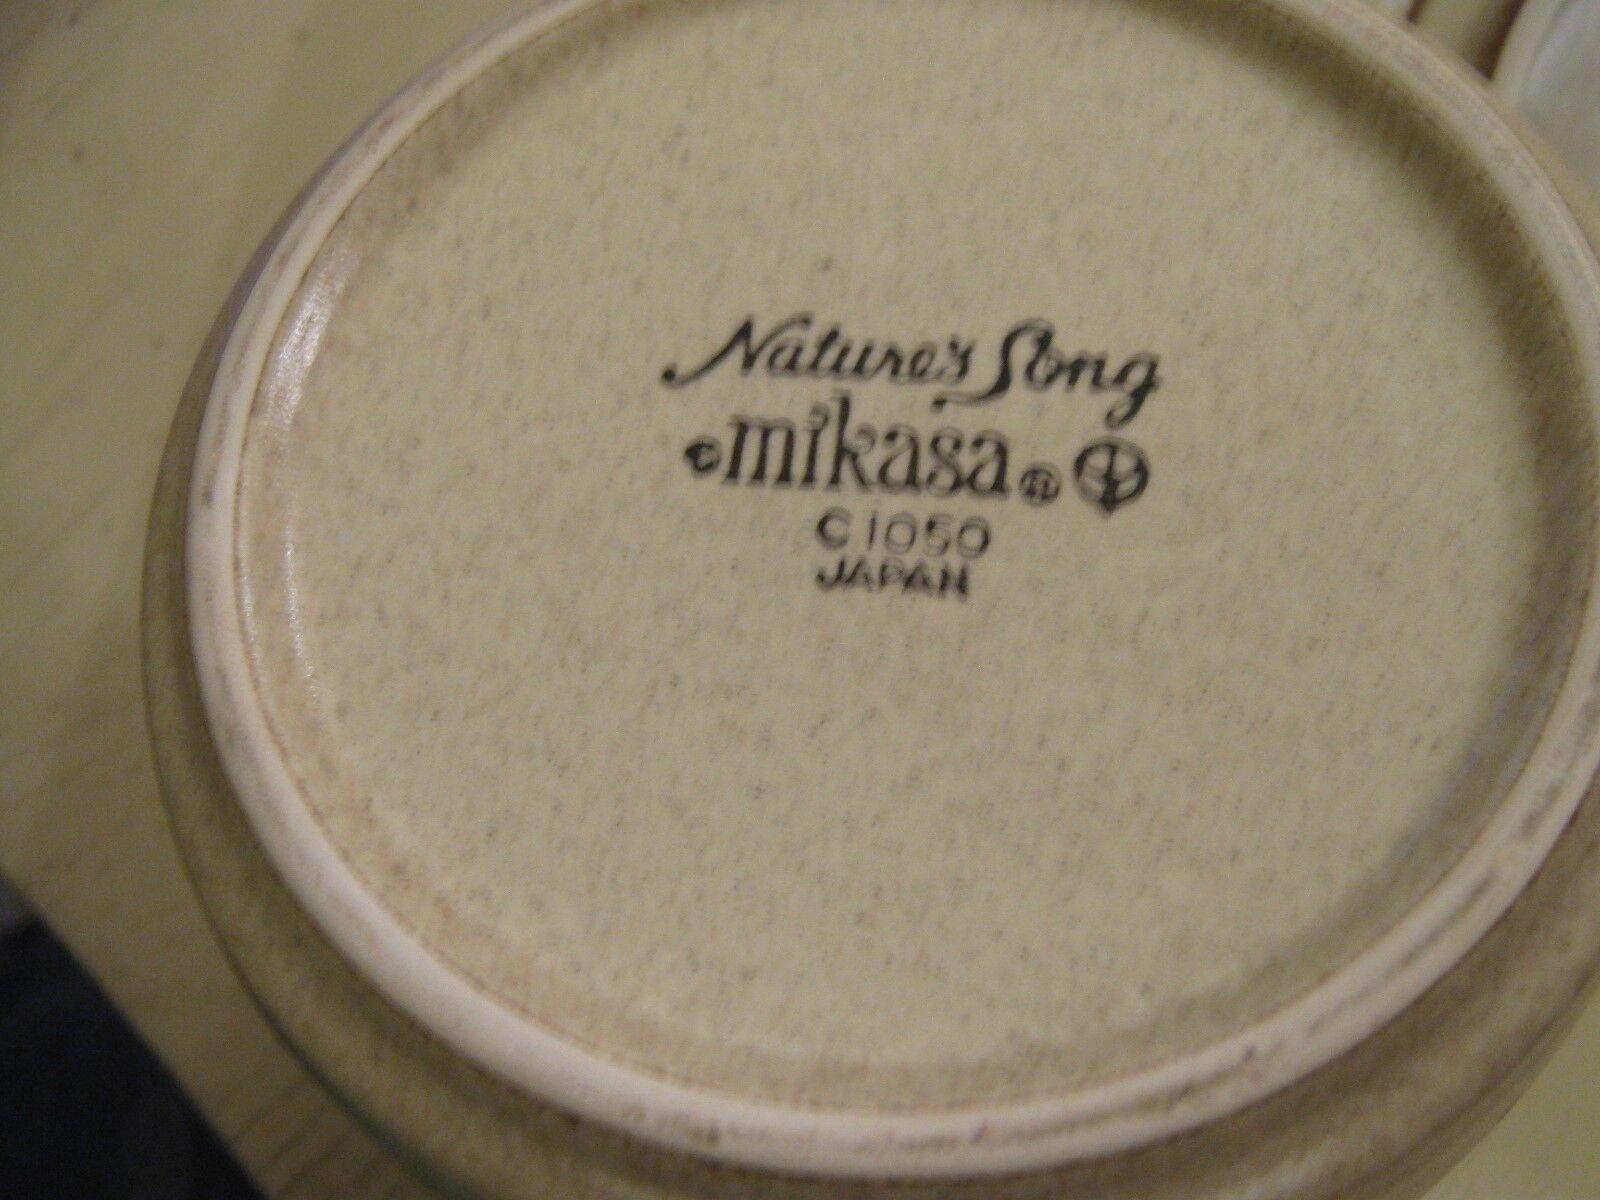 Mikasa , Natures Song , C 1050 , Creamer and Sugar/Lid